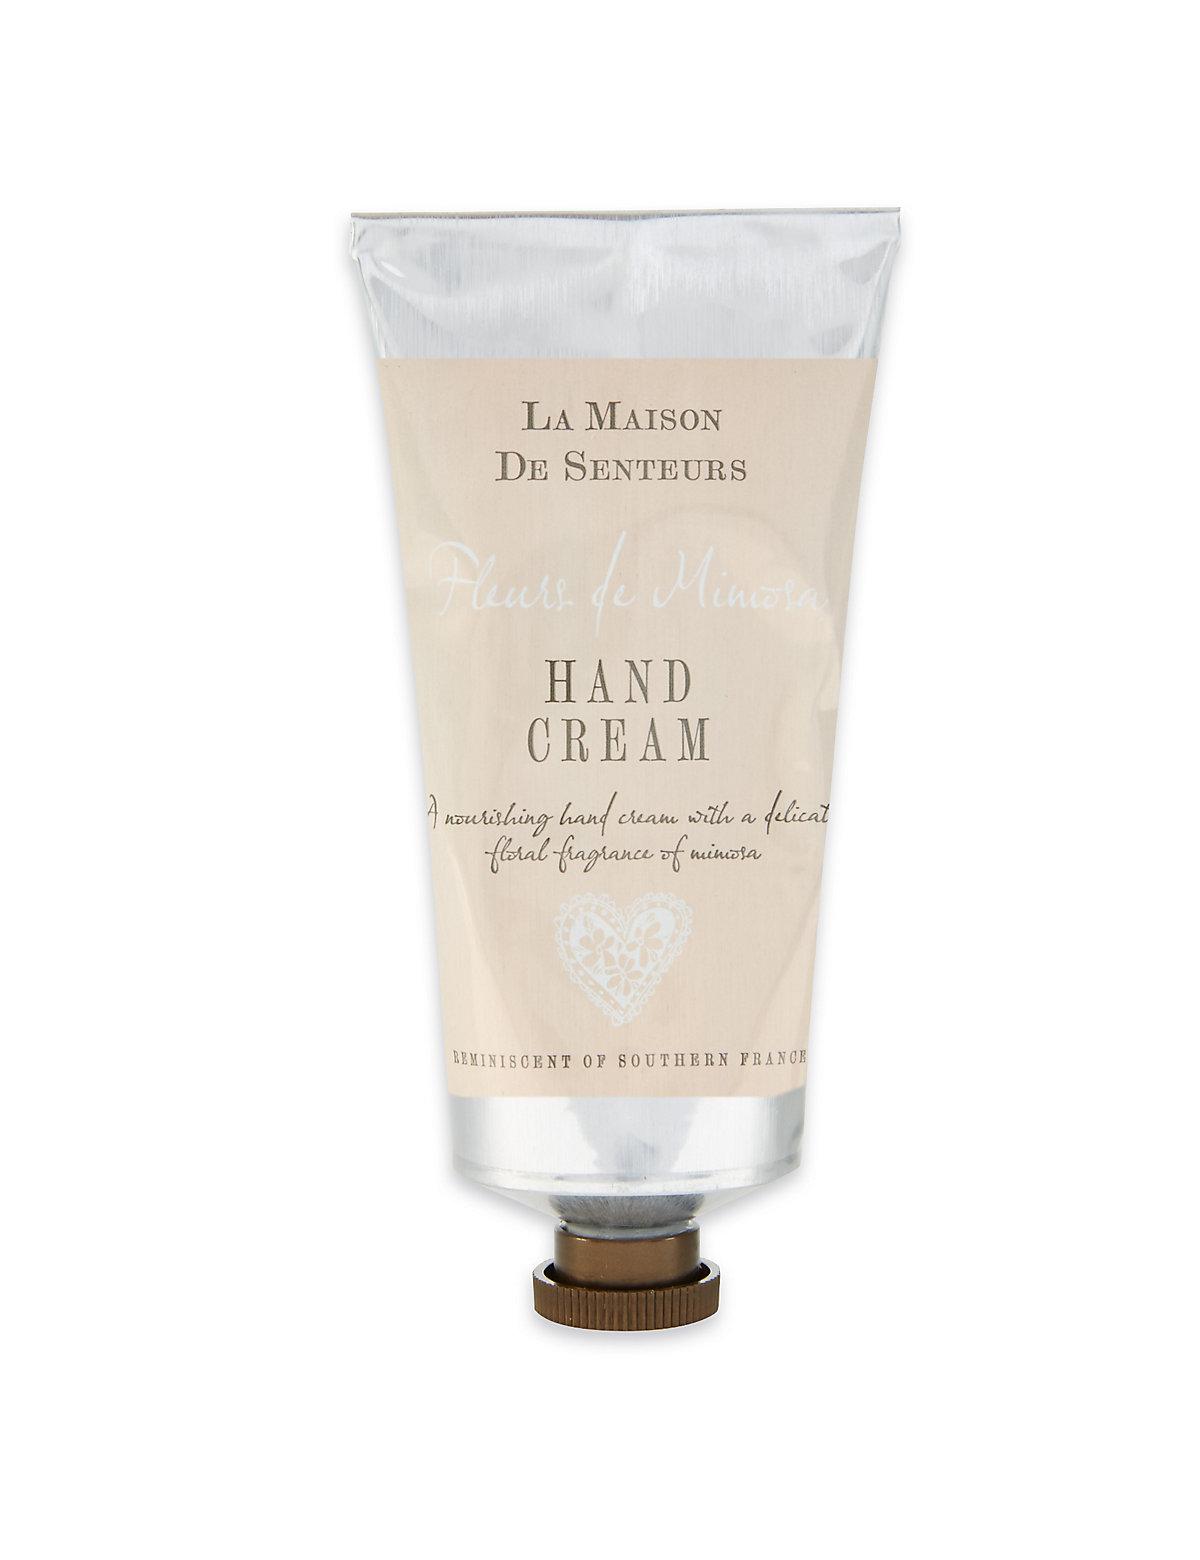 La Maison de Senteurs Fleurs de Mimosa Hand Cream 75ml